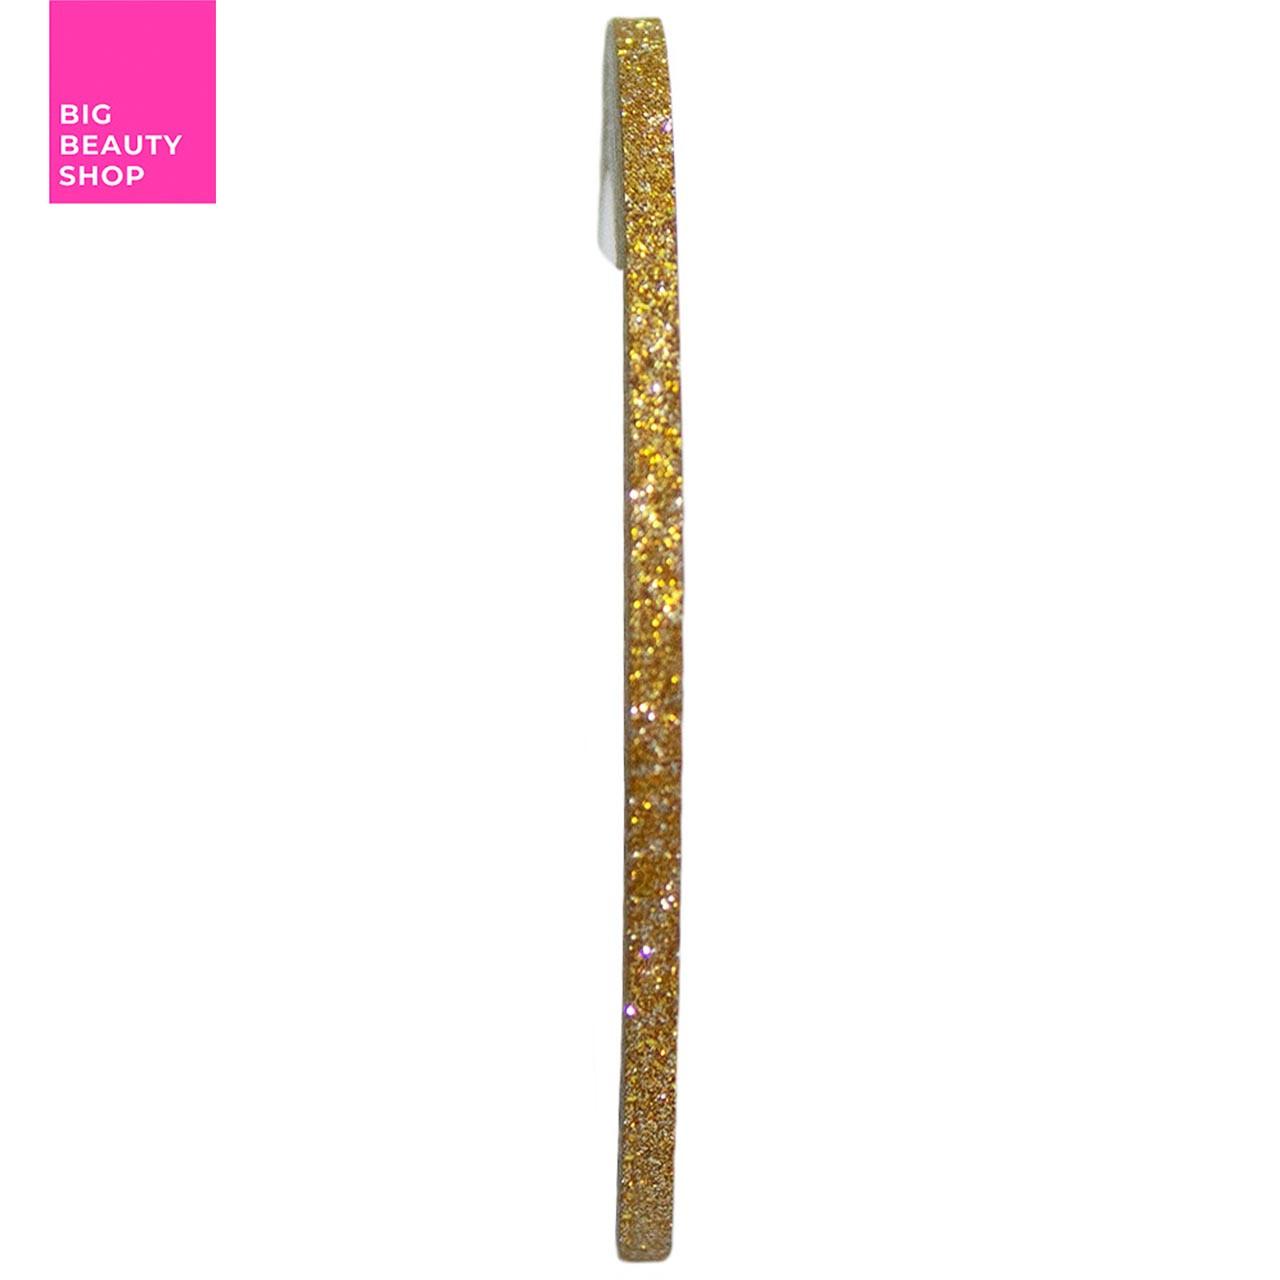 Голографическая полоска для ногтей 2мм (золотая с блестками)